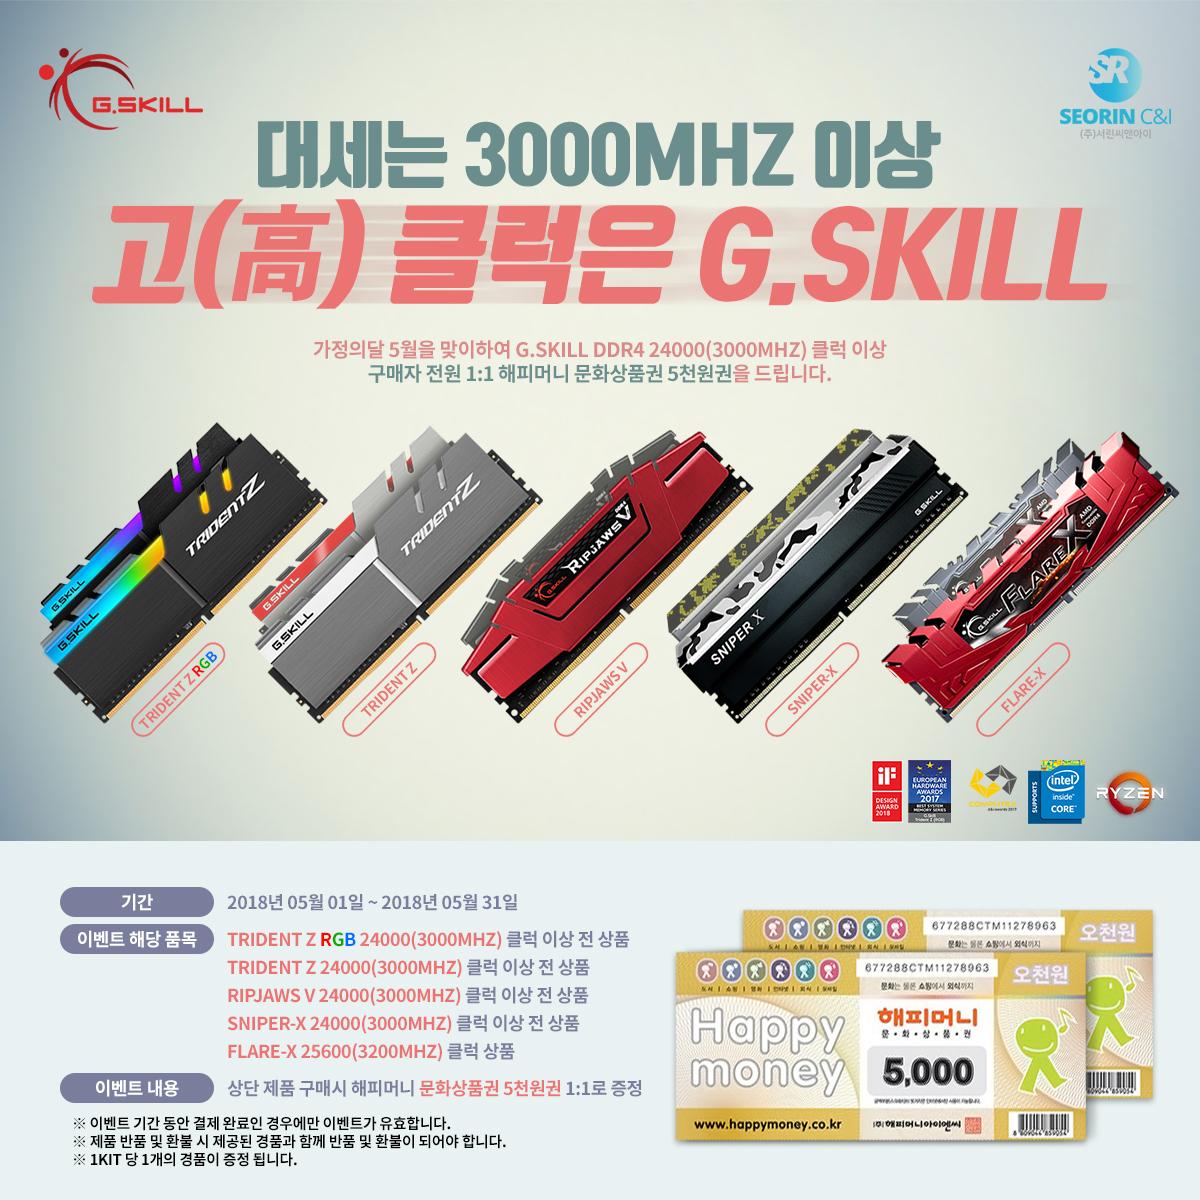 고클럭은 역시 G.skill!! 3000Mhz 이상 전 제품 구매시 1:1 해피머니 상품권 100% 증정!!